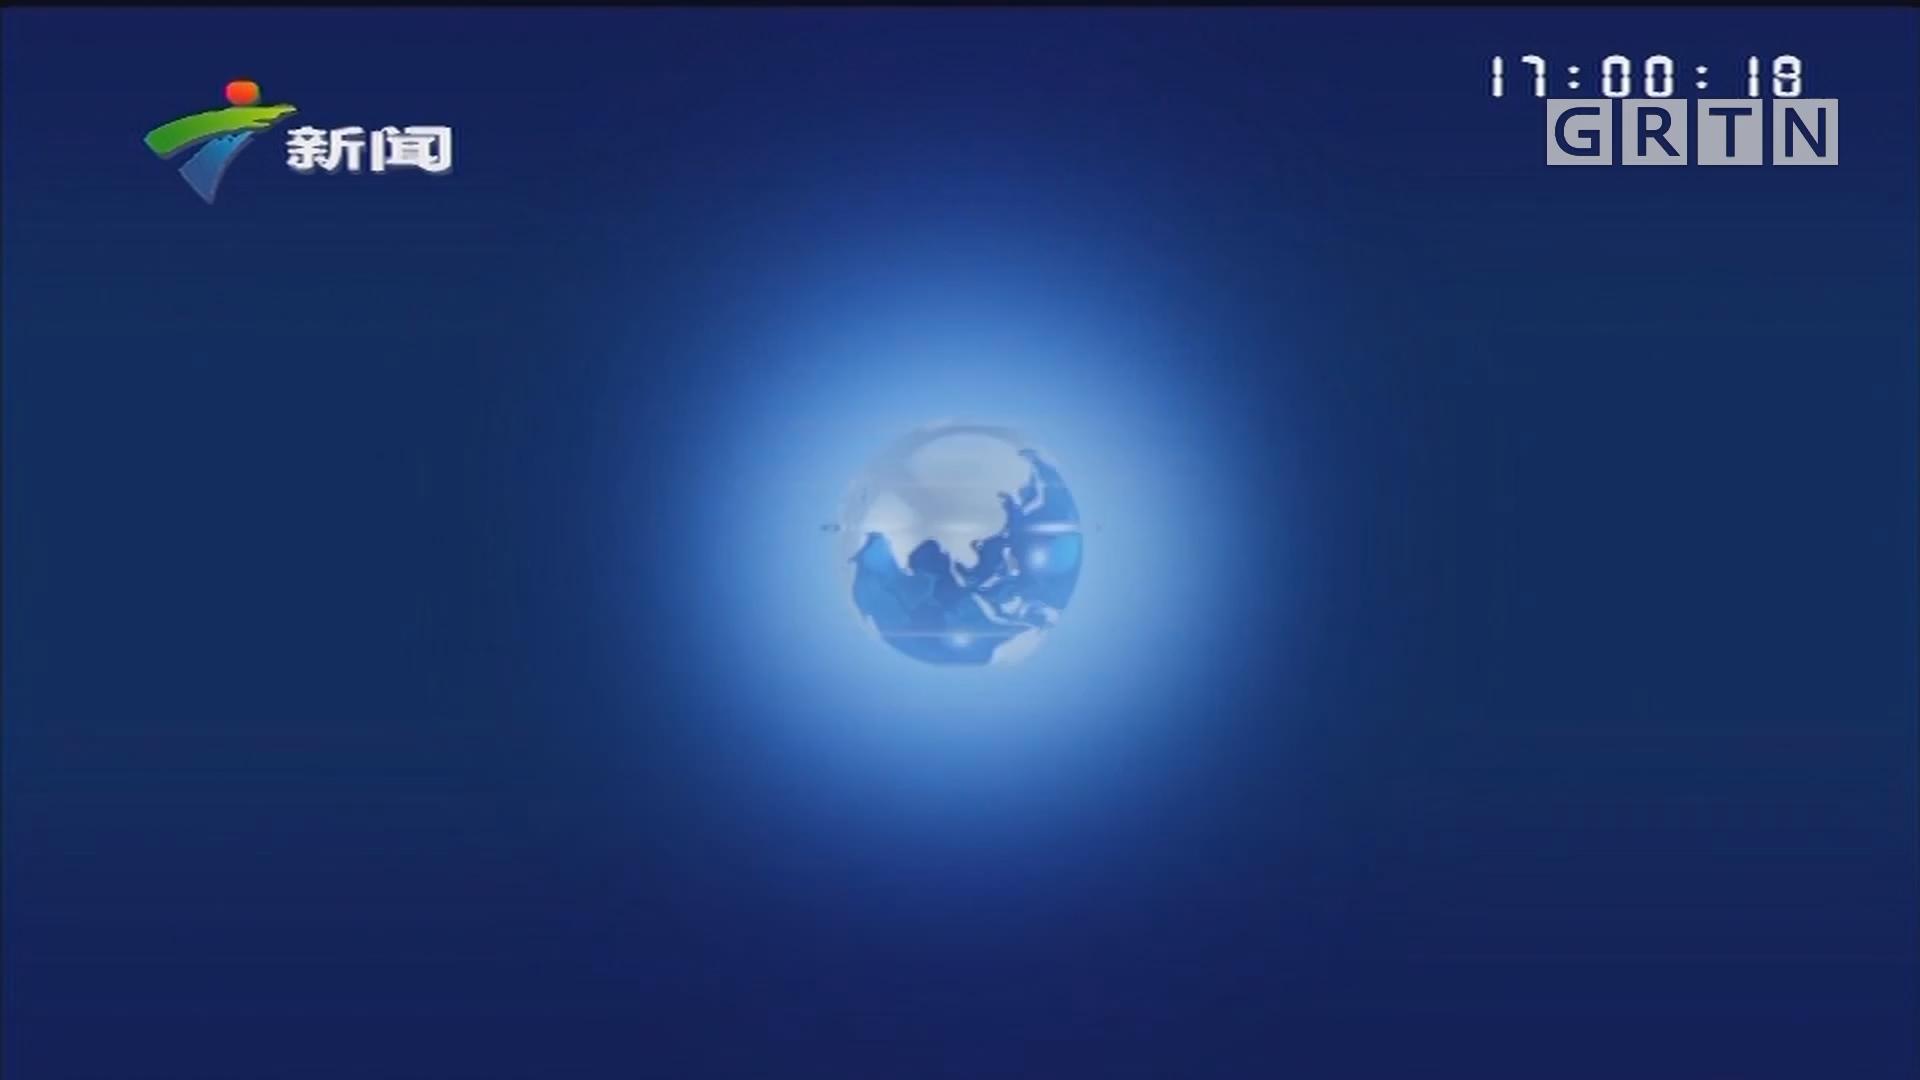 [HD][2019-12-10-17:00]正点播报:推动解决市民关心的疑难热点问题:广州12345政府服务热线荣获两项全球性大奖